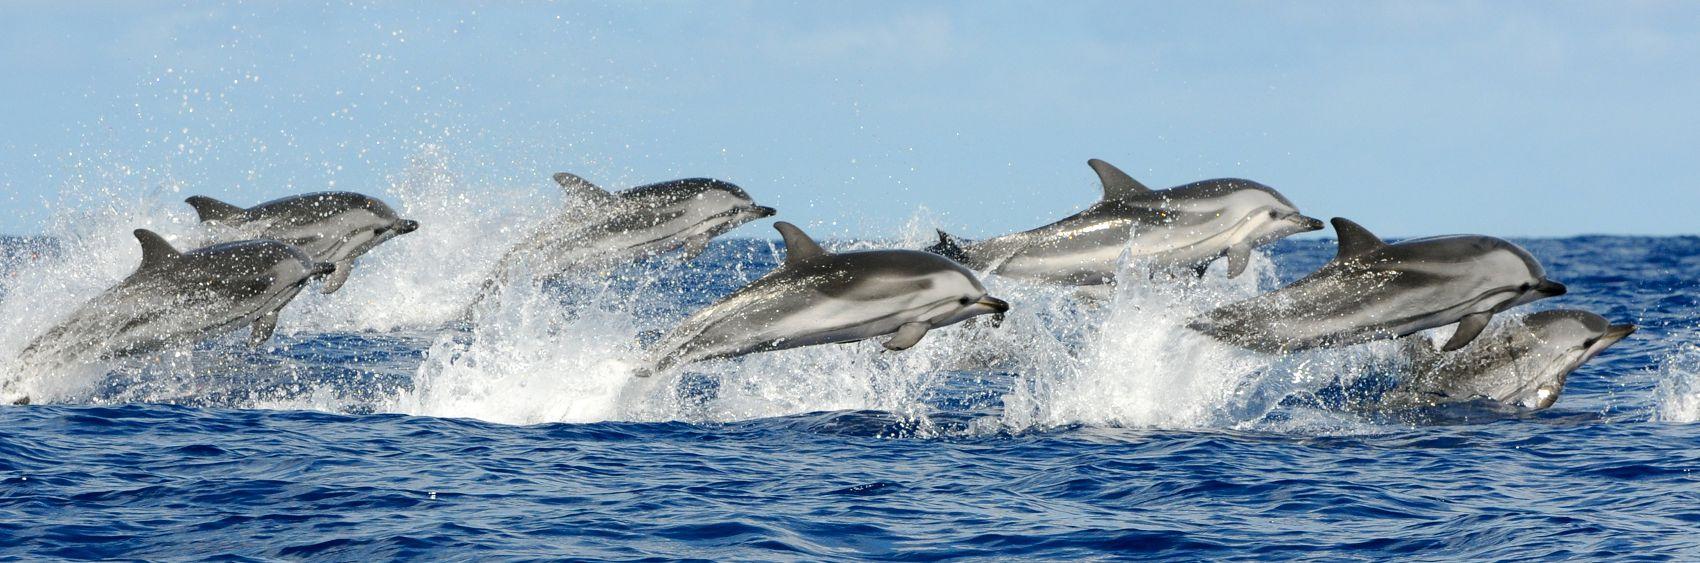 Дельфины над водой